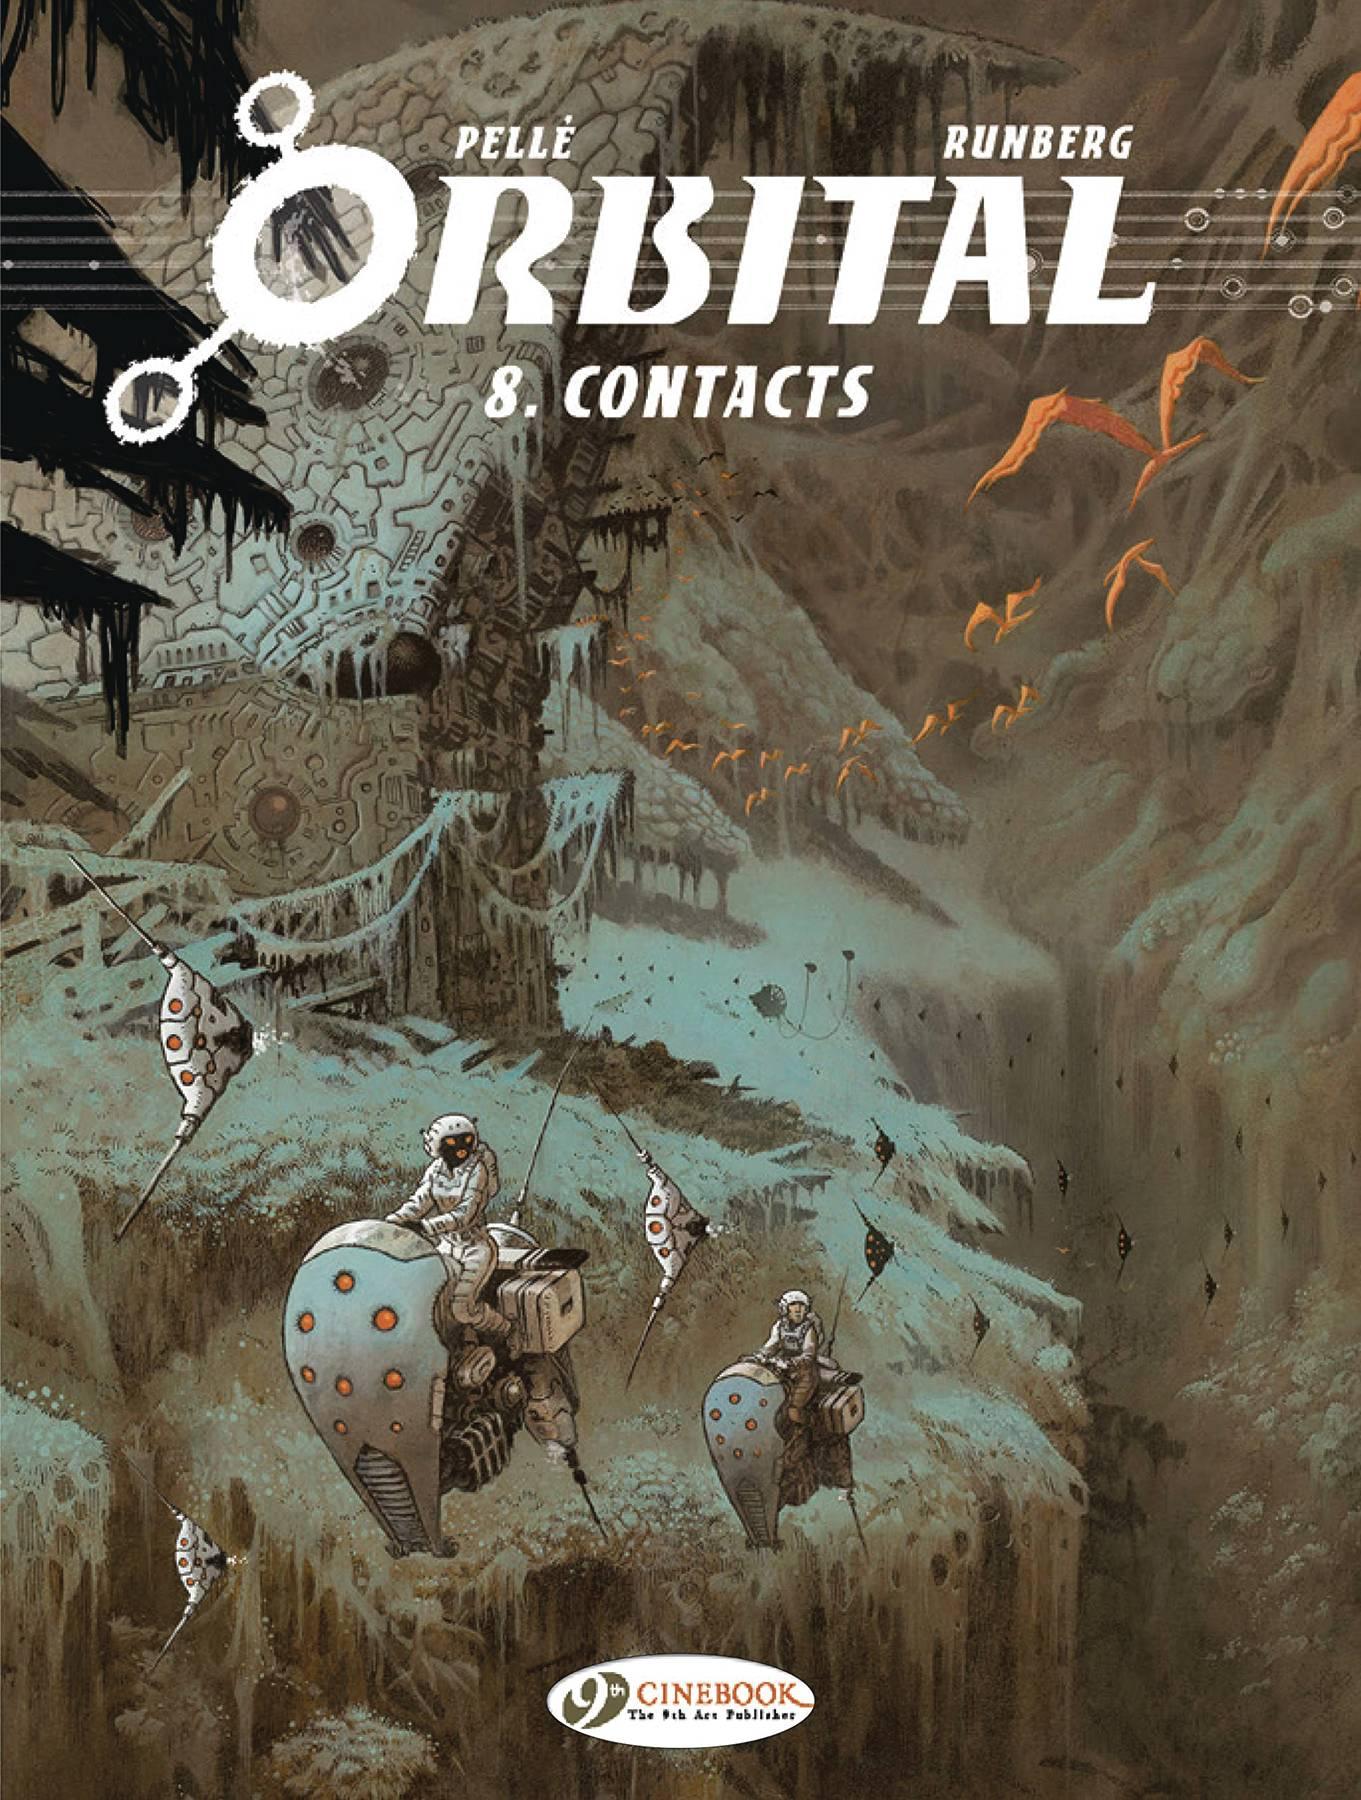 ORBITAL TP 08 CONTACTS